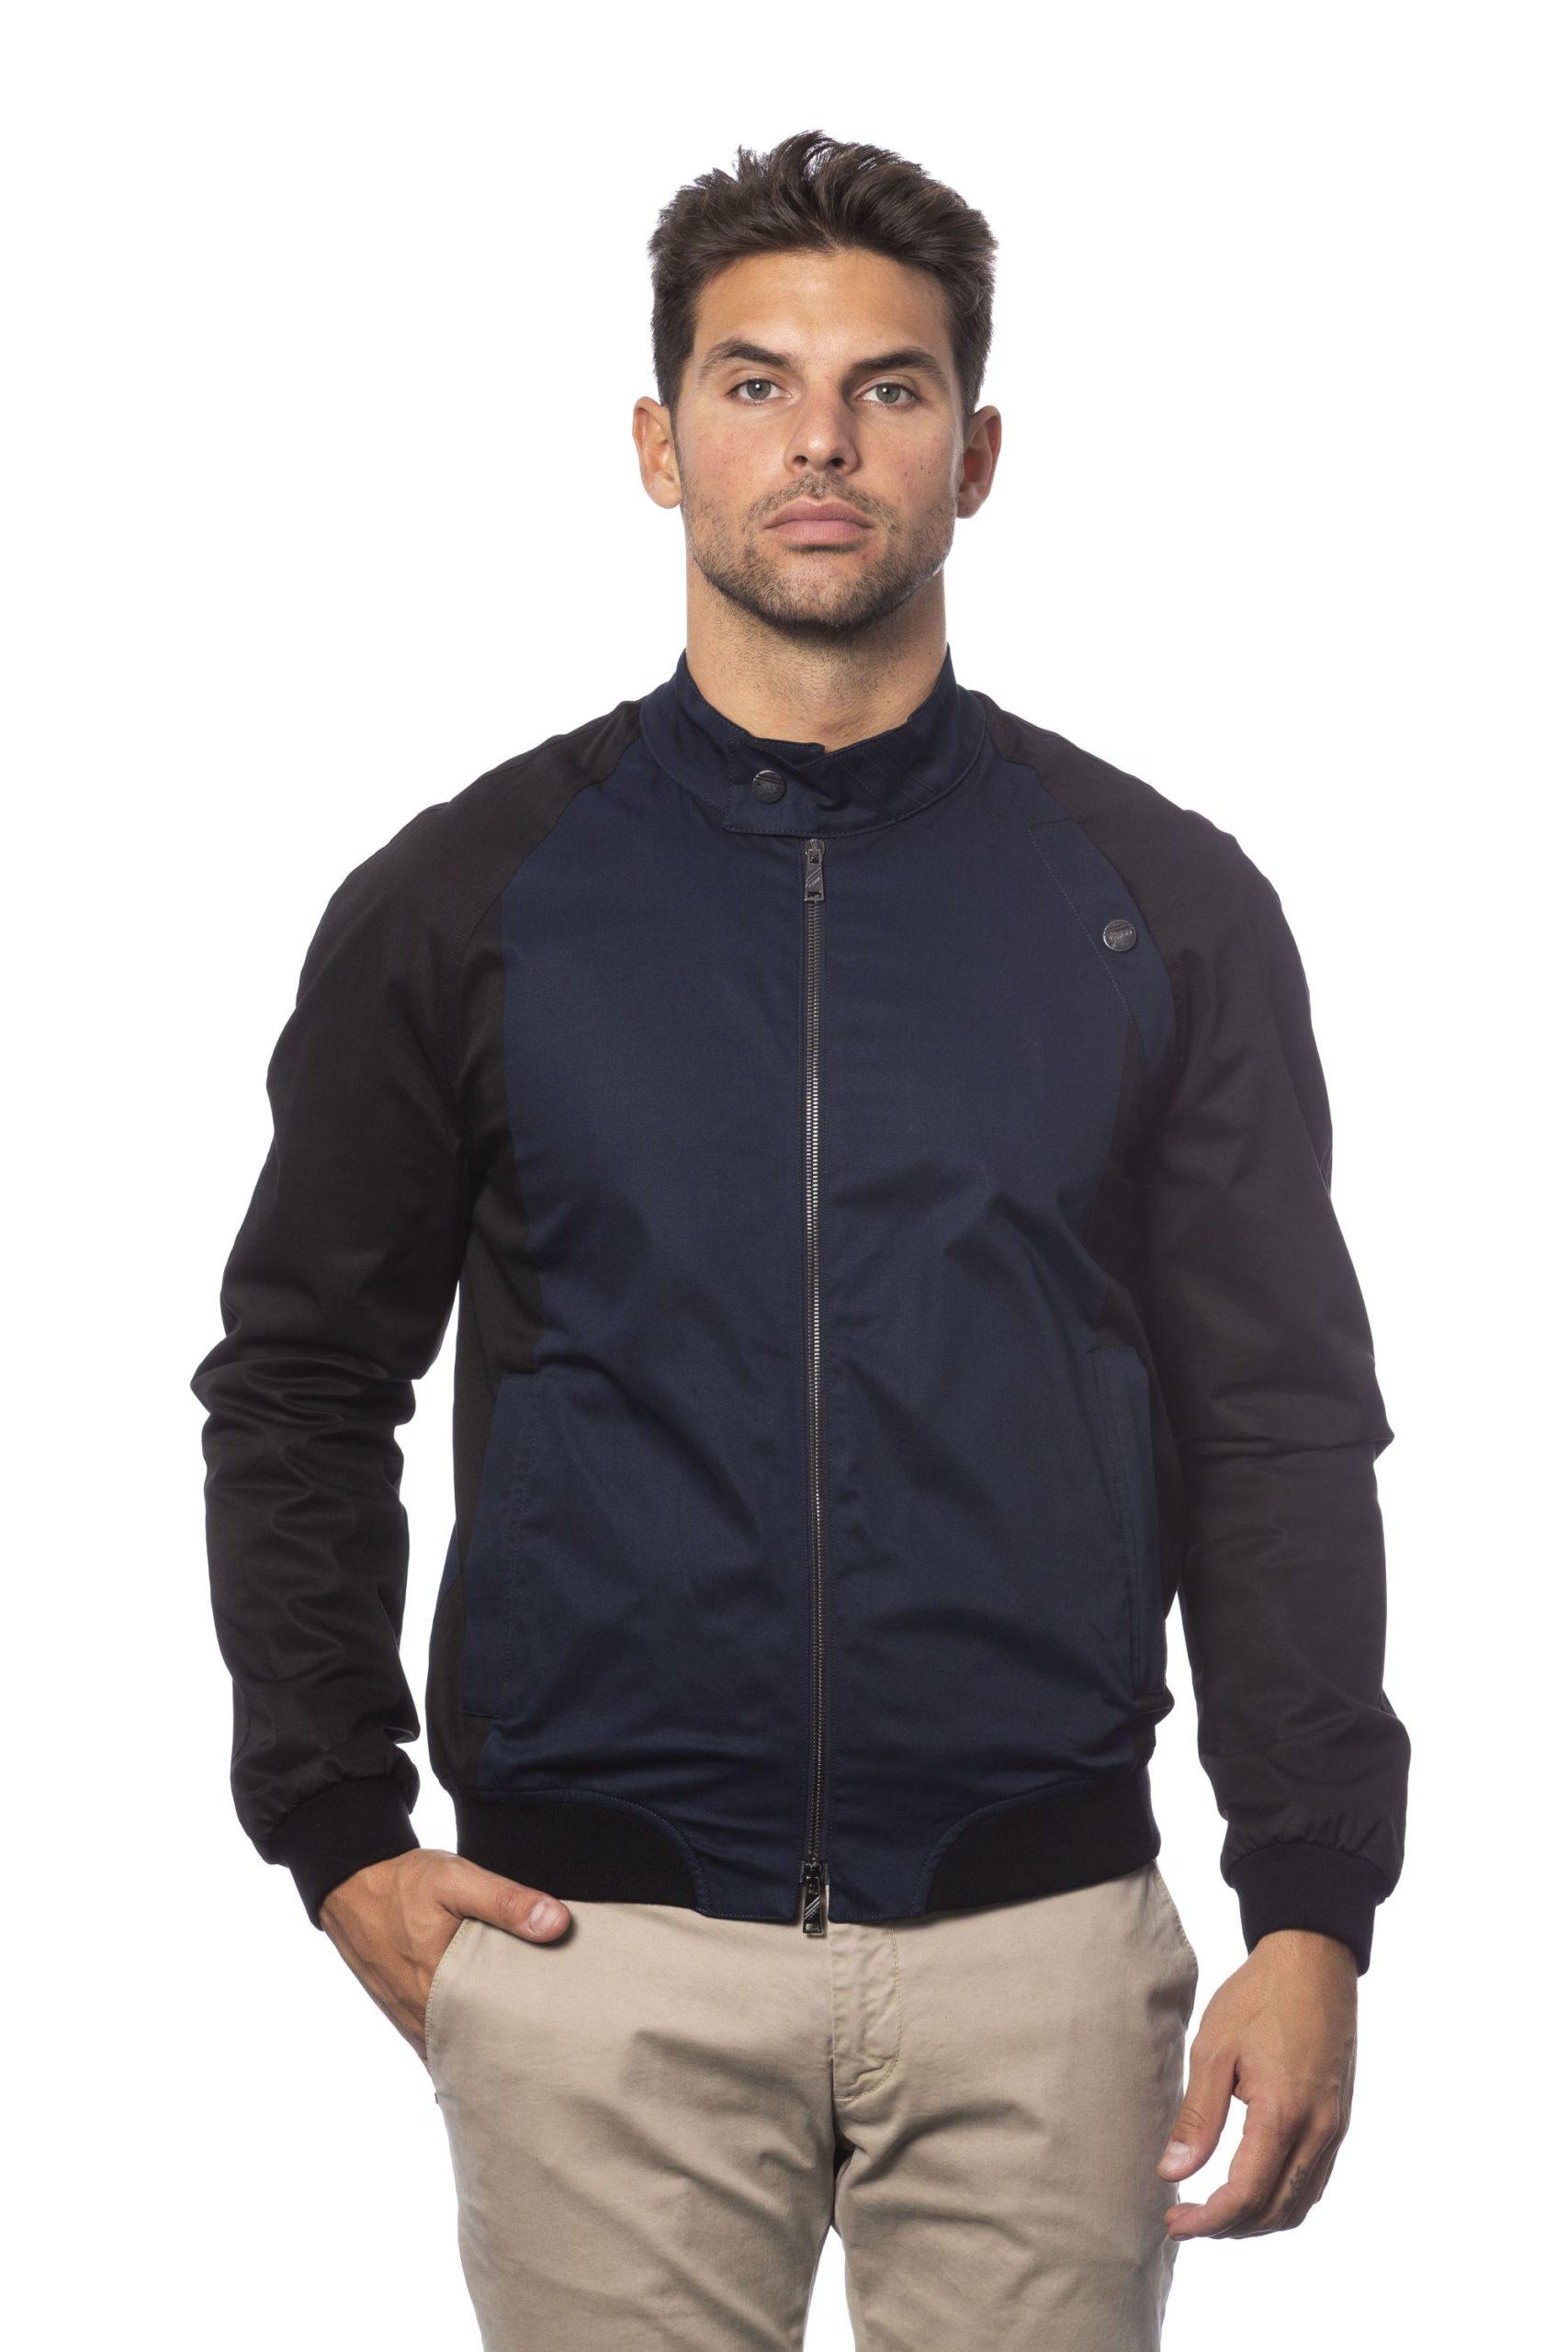 Verri Men's Blu Jacket Blue VE823525 - IT46 | S